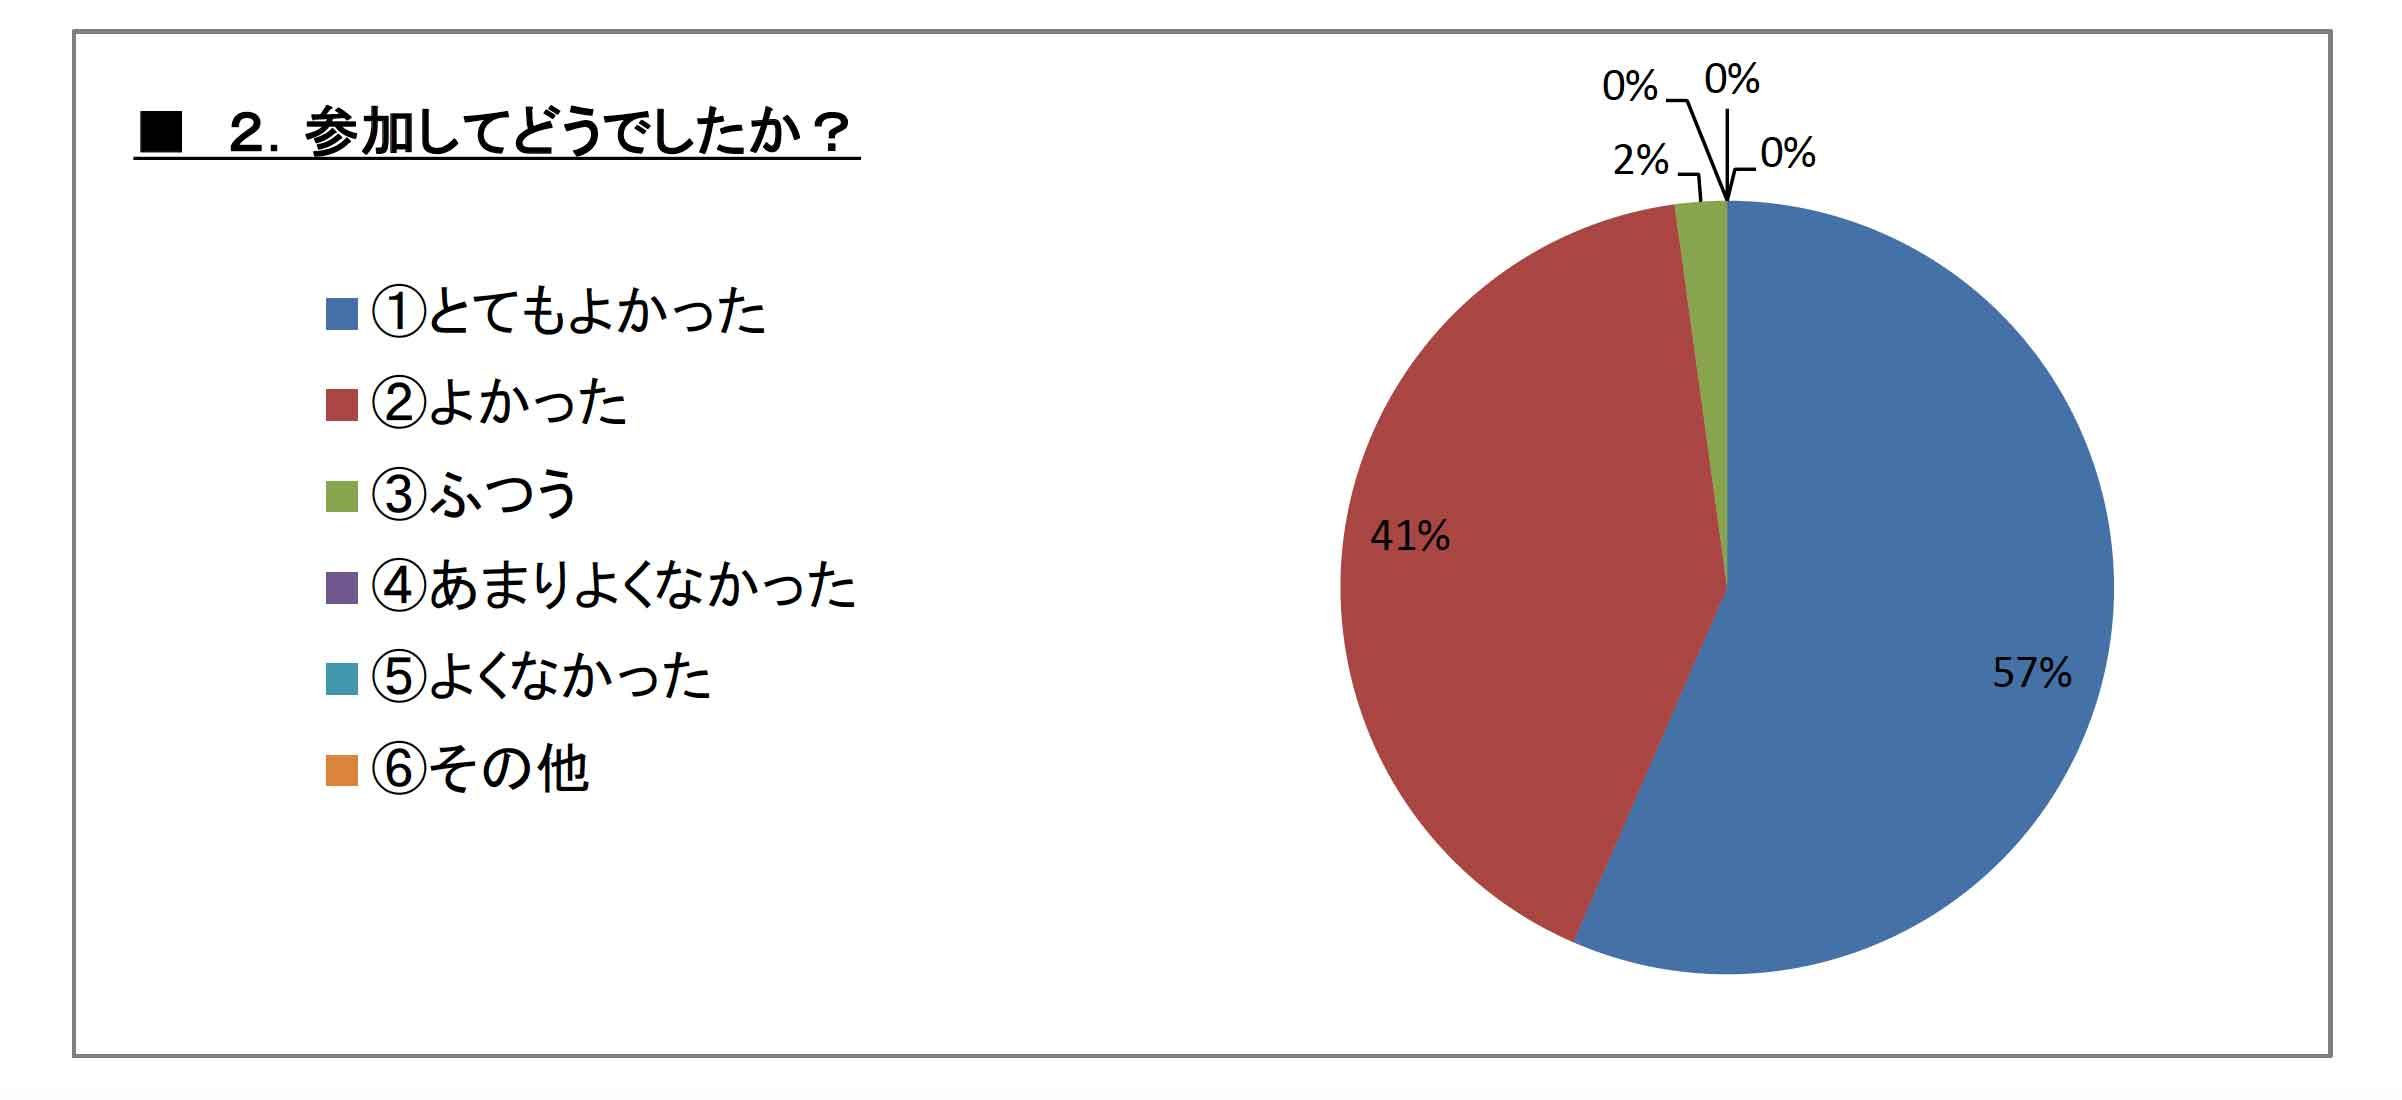 questionnaire02